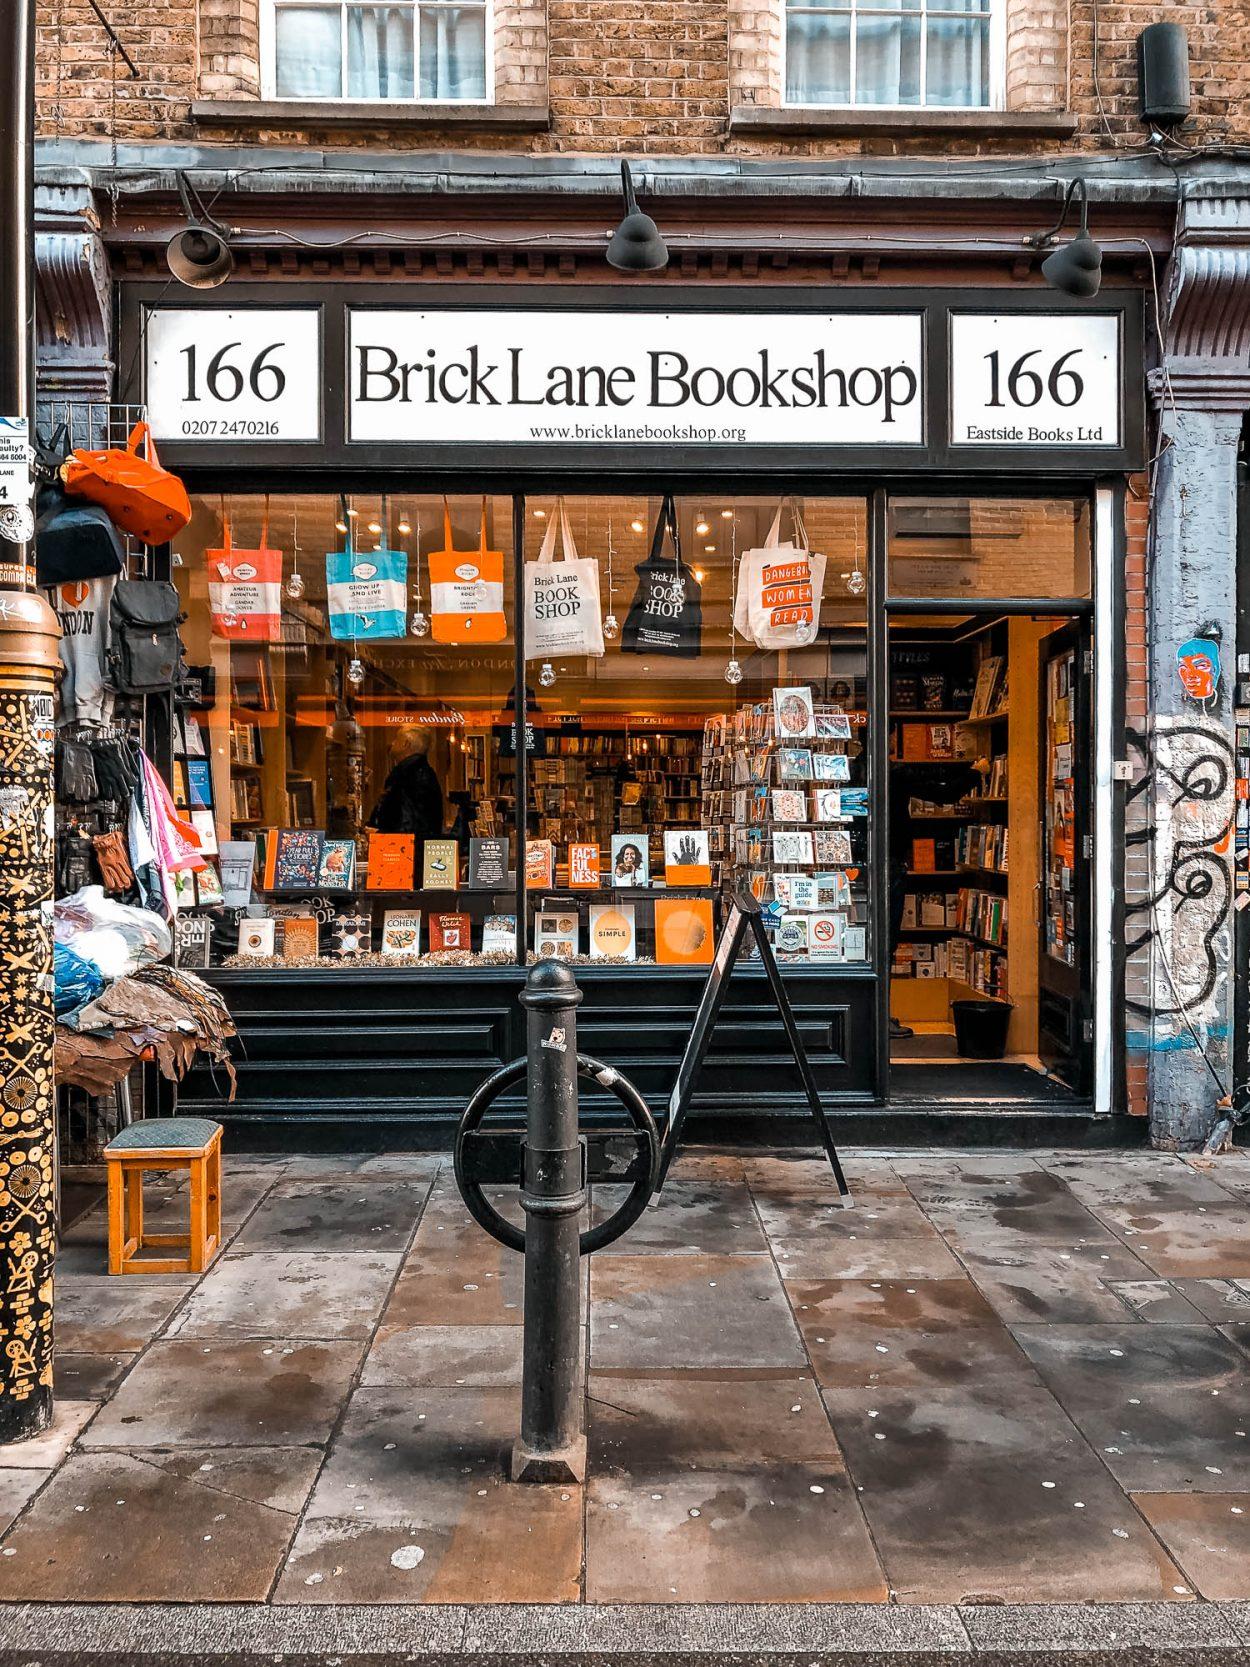 Things to do Brick Lane - Brick Lane Bookshop